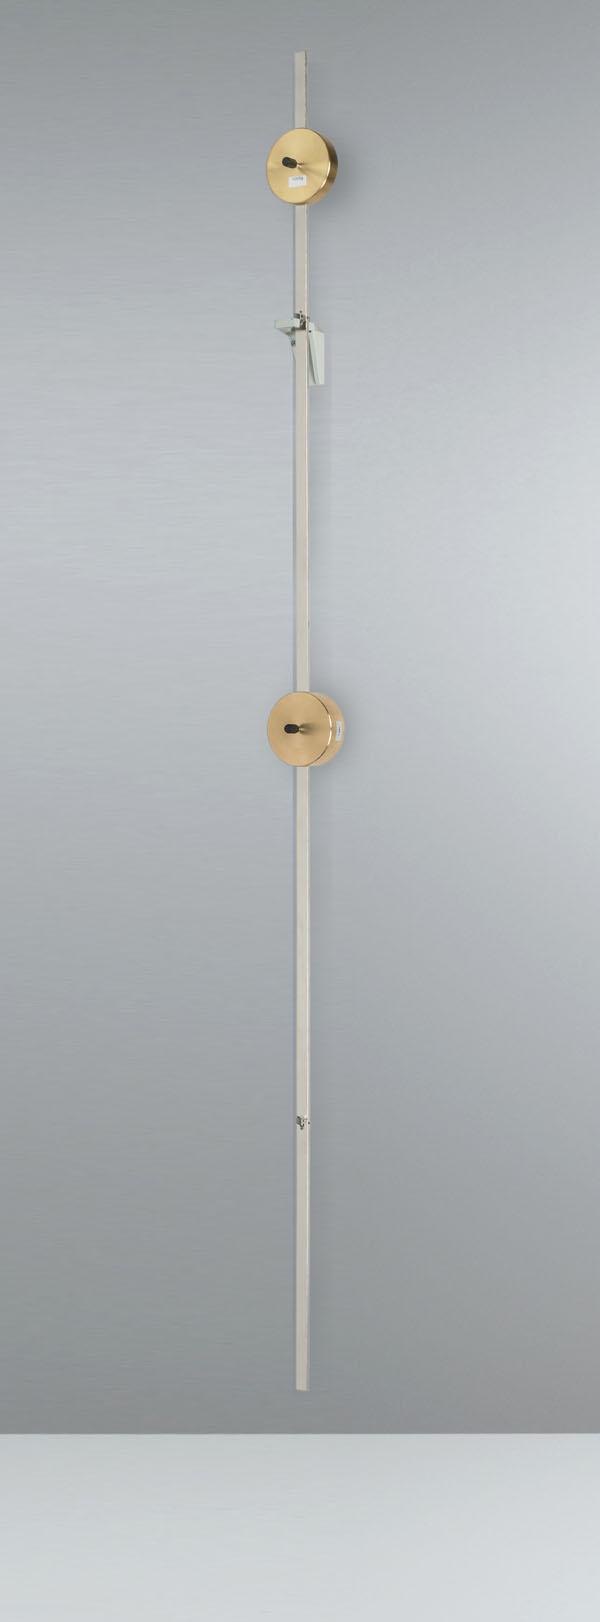 Détermination de l'accélération due à la gravité avec un pendule réversible